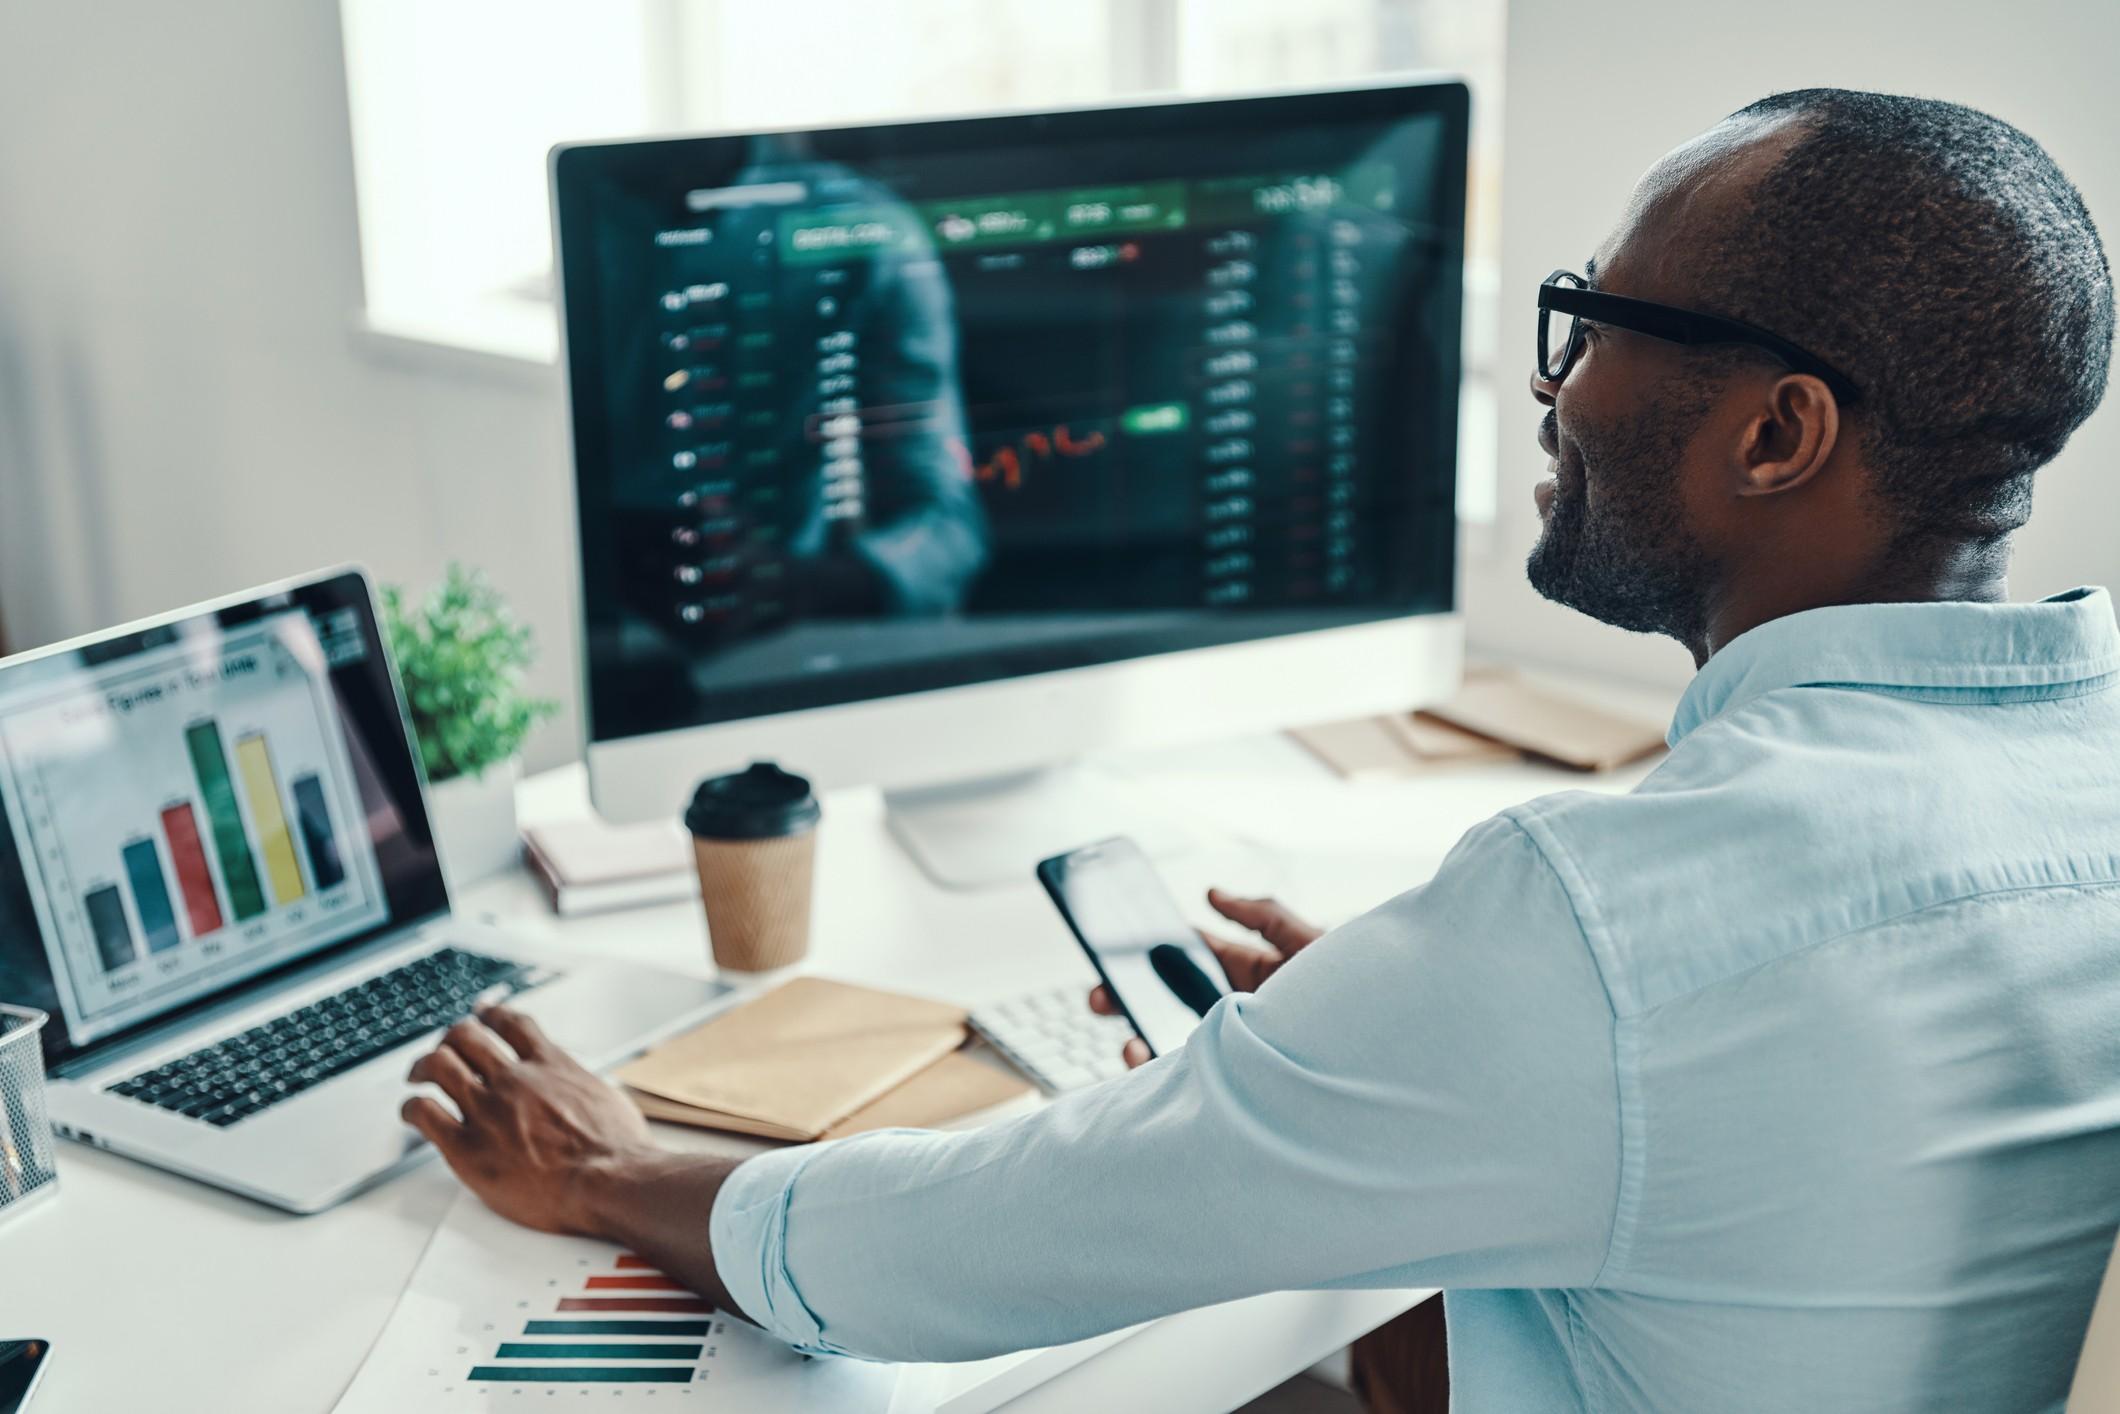 Saiba quais são as tecnologias que estão revolucionando o mercado financeiro